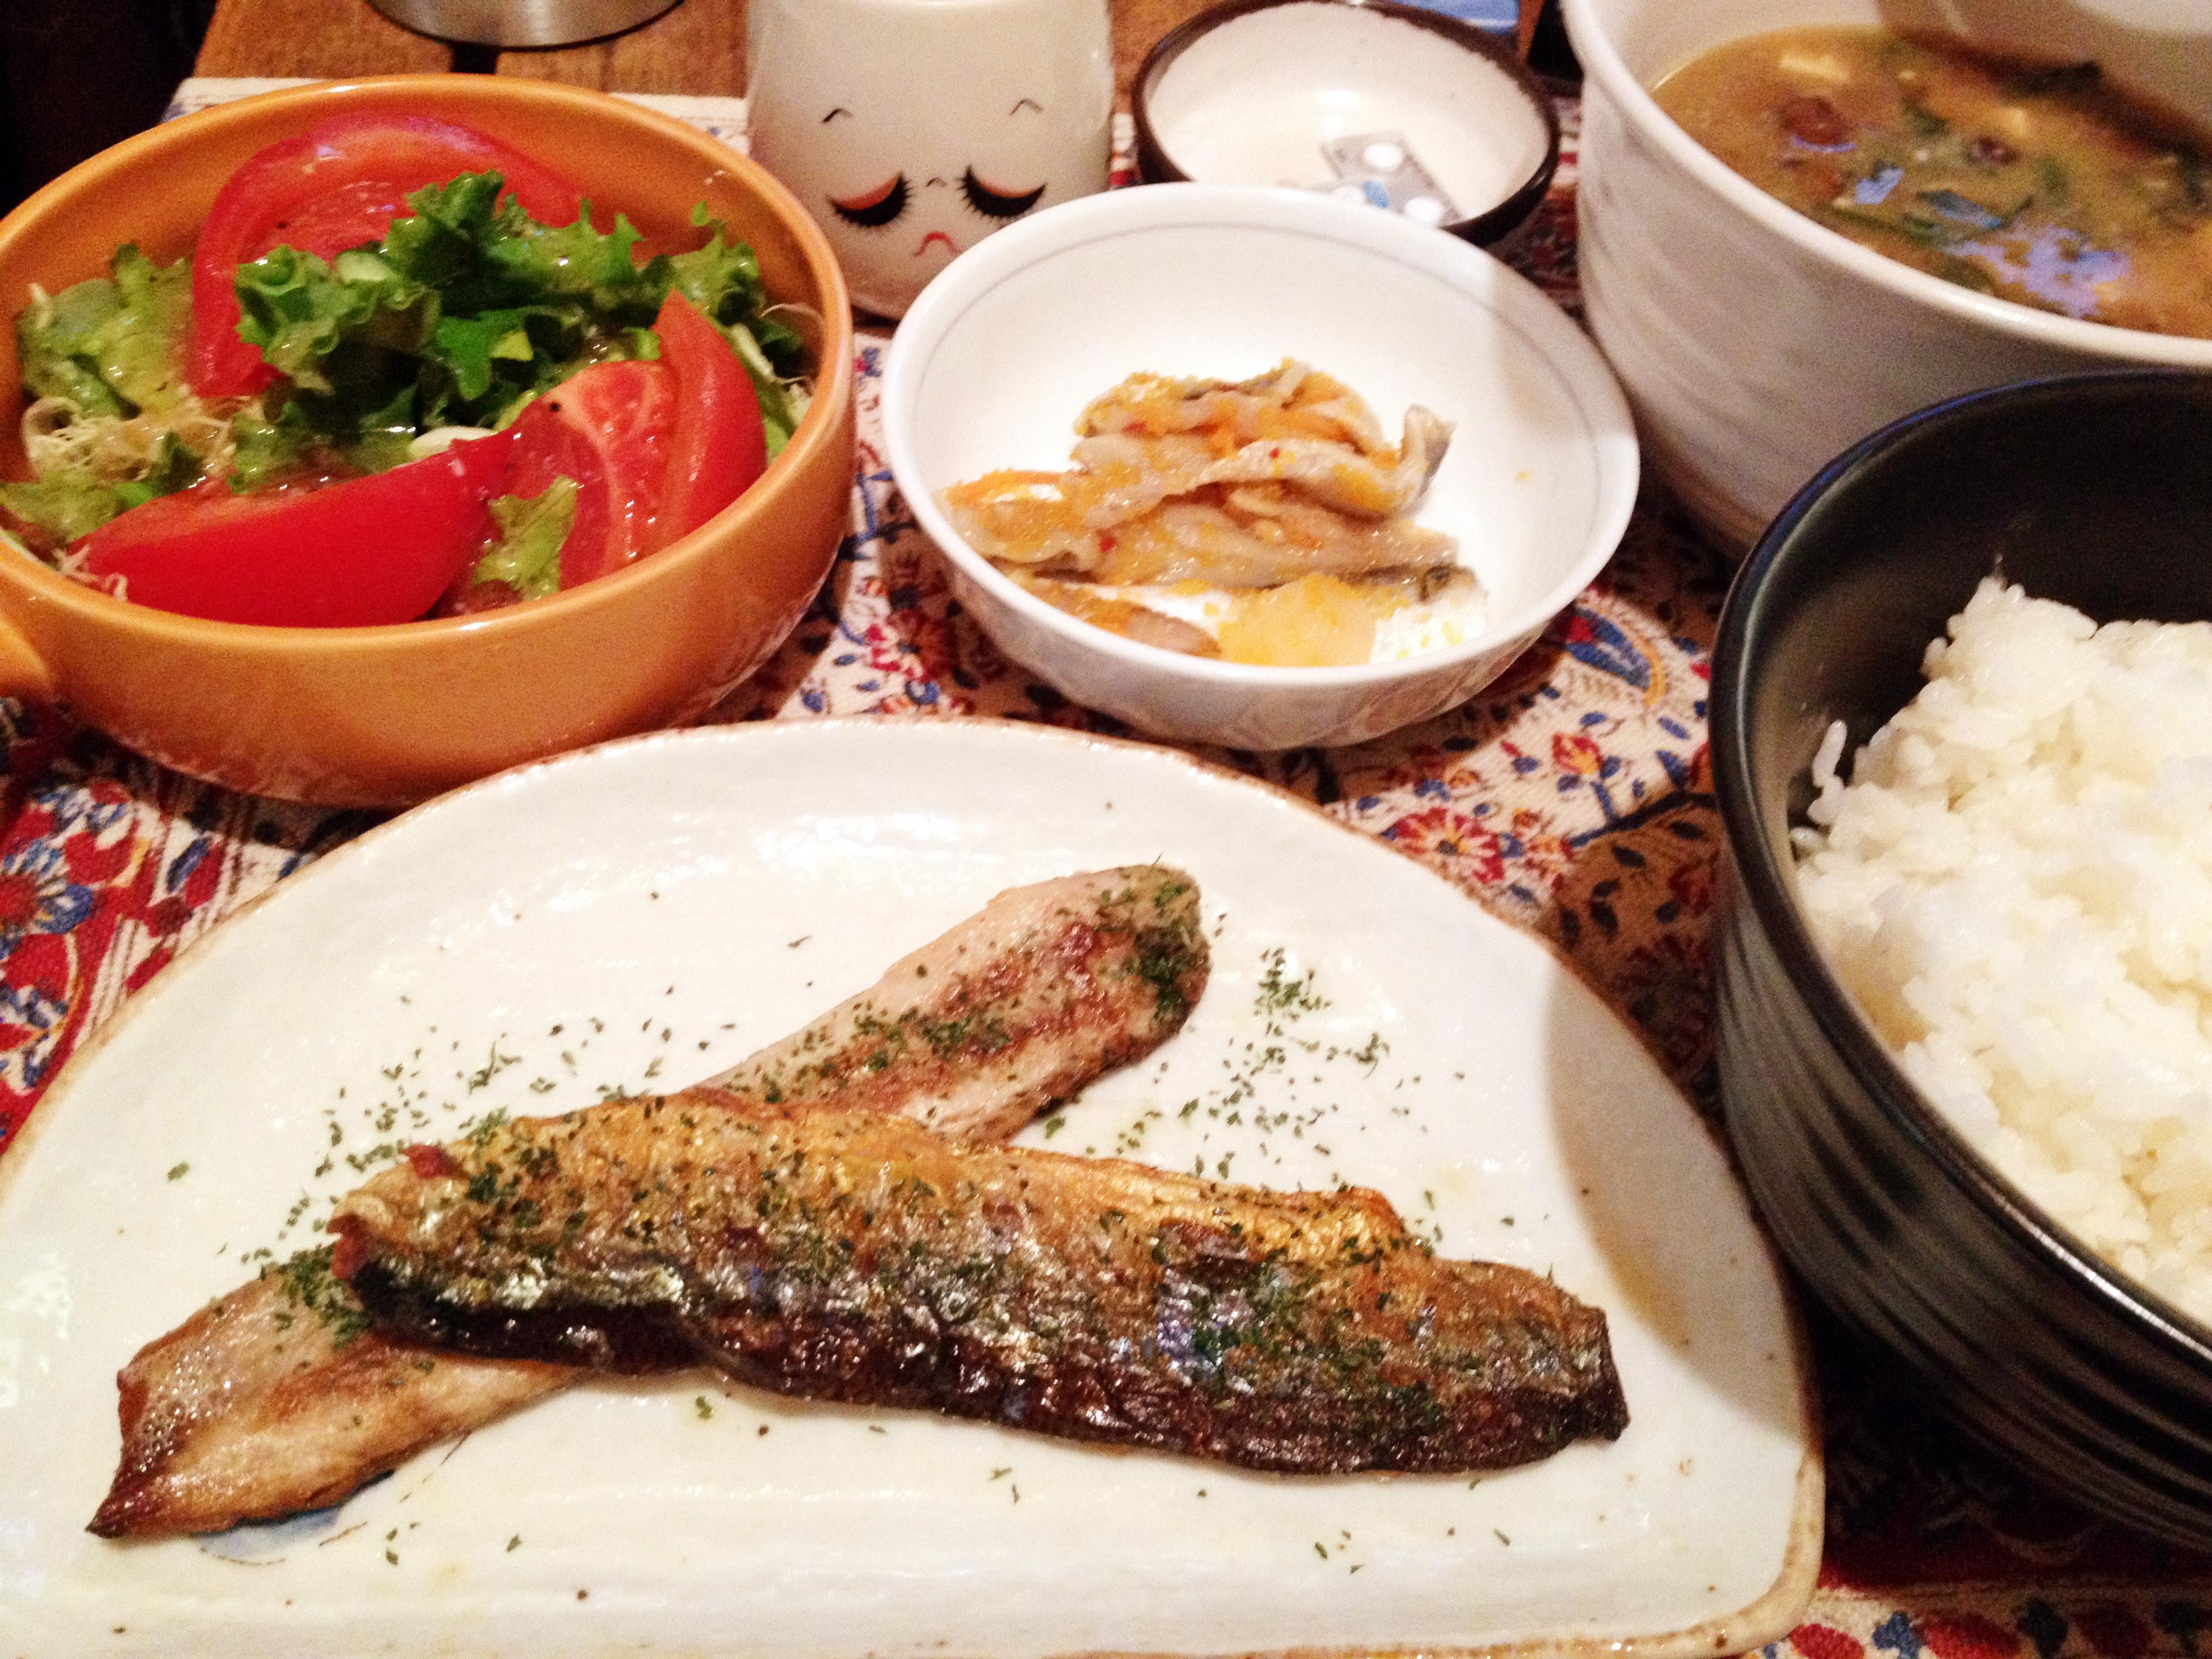 秋刀魚香草焼き定食